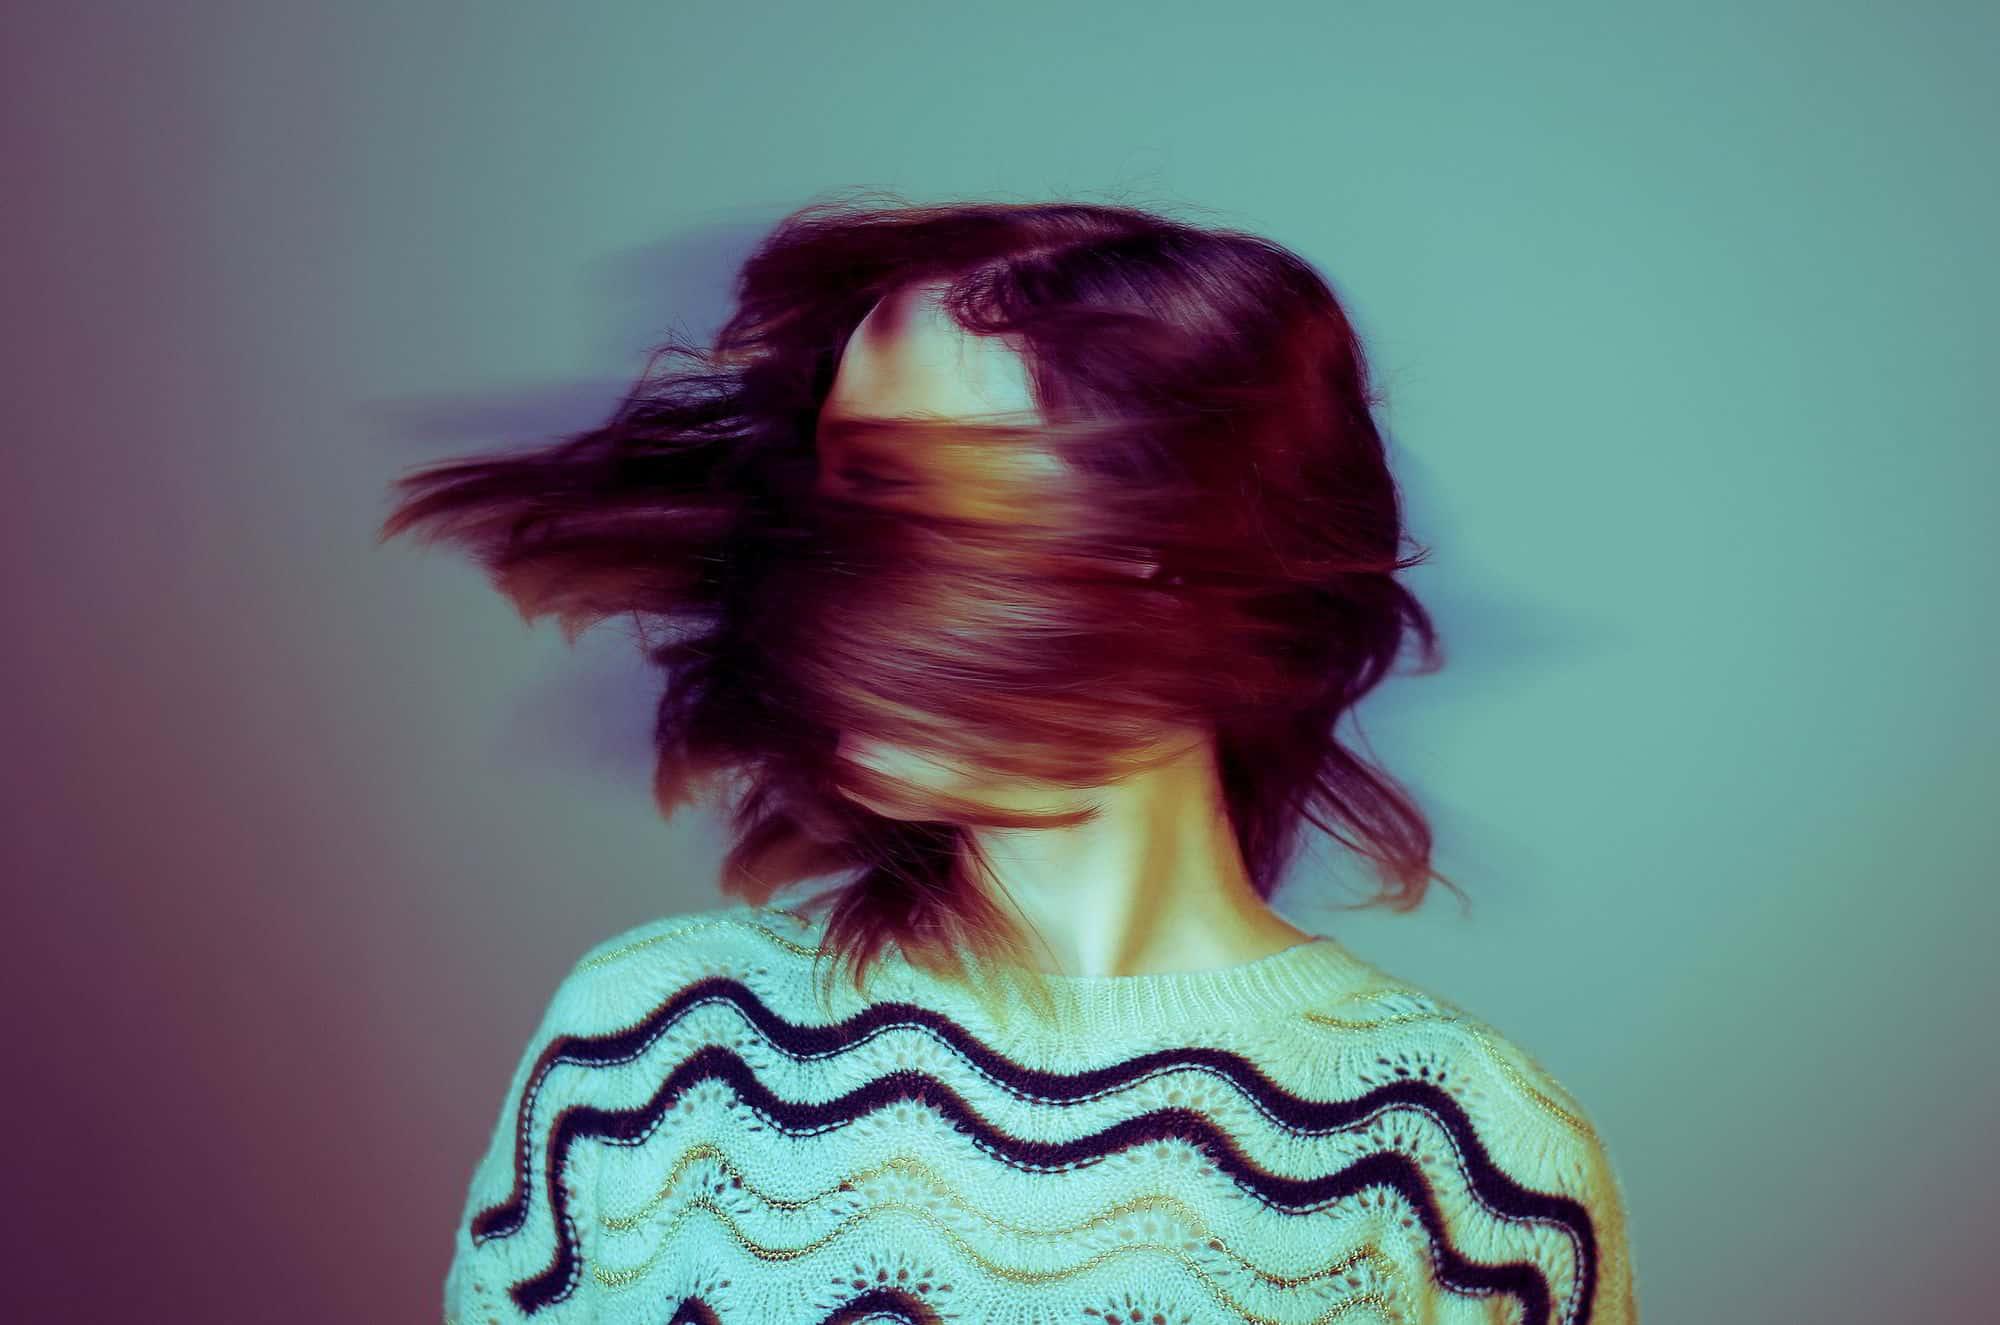 carolina-popinger-psychotherapie-psychotherapeutin-medsyn-1190-wien-paartherapie-burnout-schmerztherapie-depressionen-chronische-schmerzen-stressbewaeltigung-belastungsstoerungen-